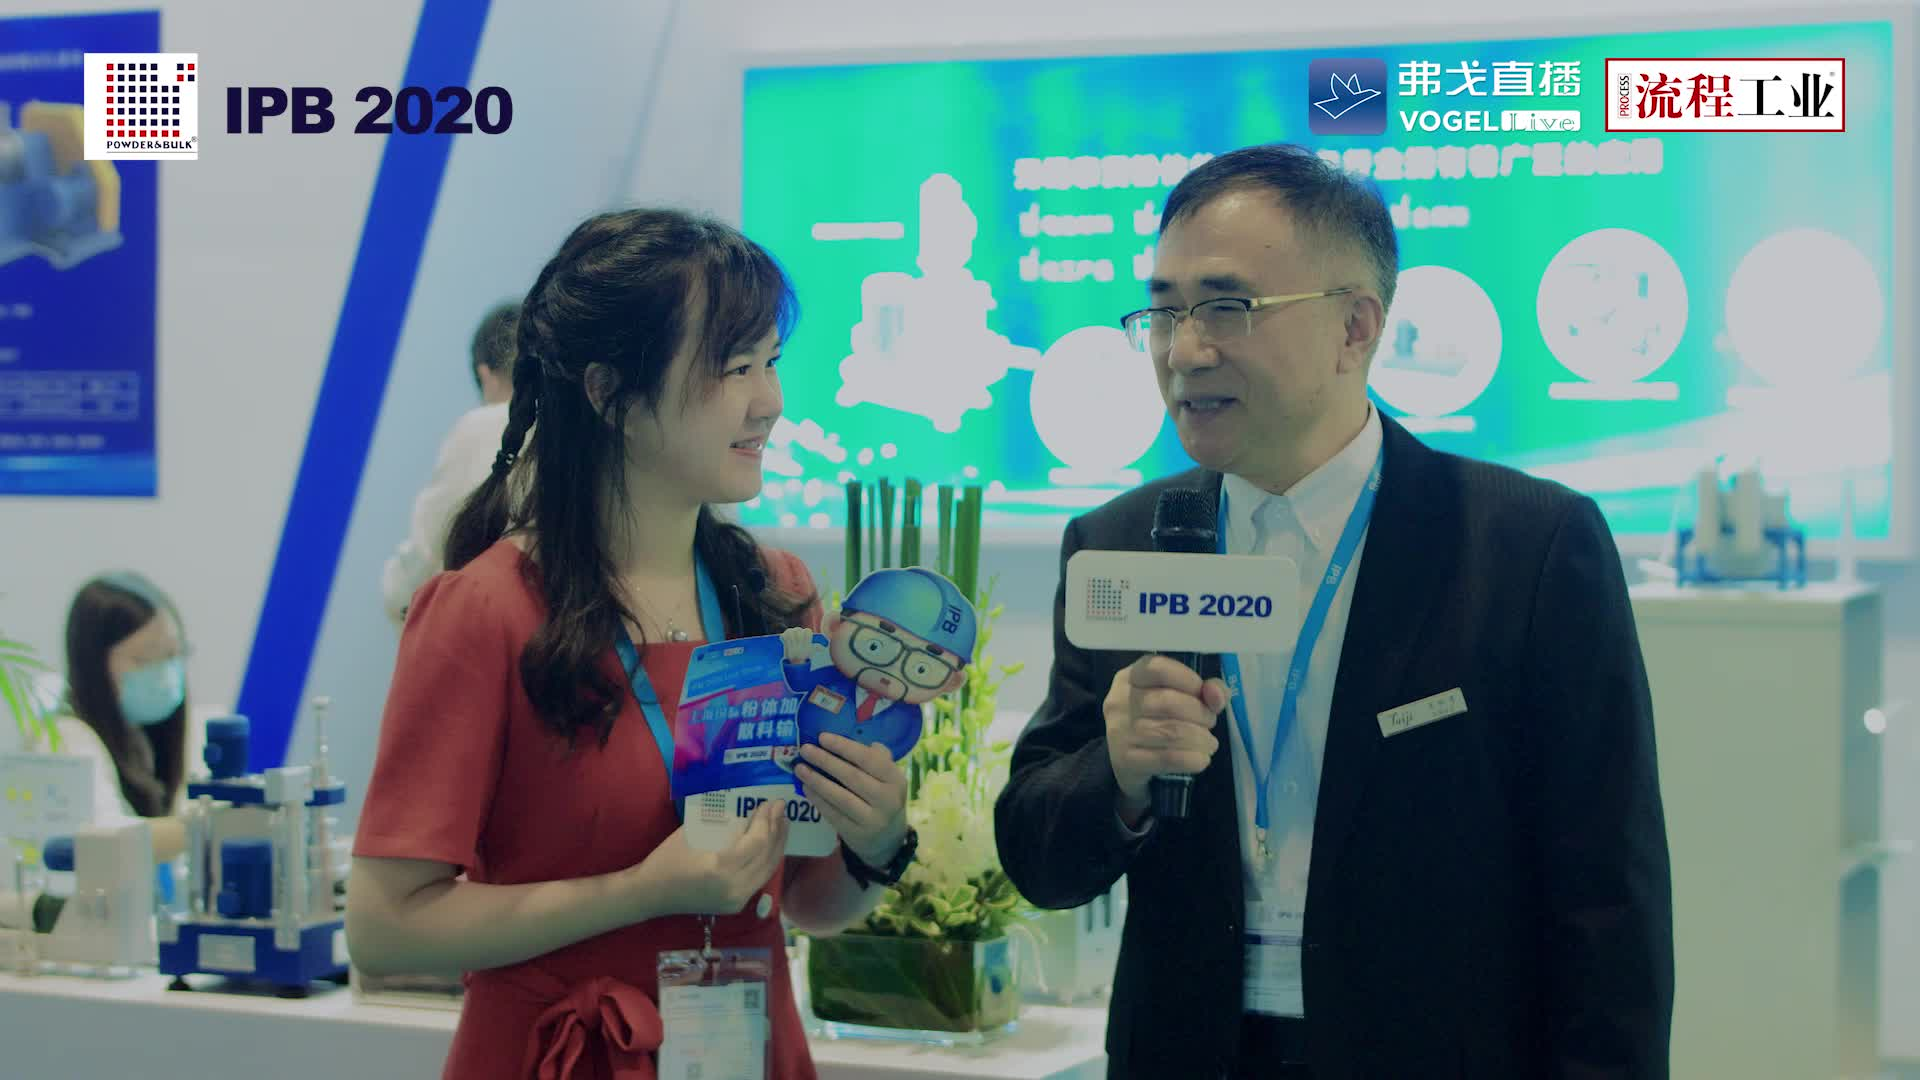 2020IPB采访——无锡泰贤粉体科技有限公司